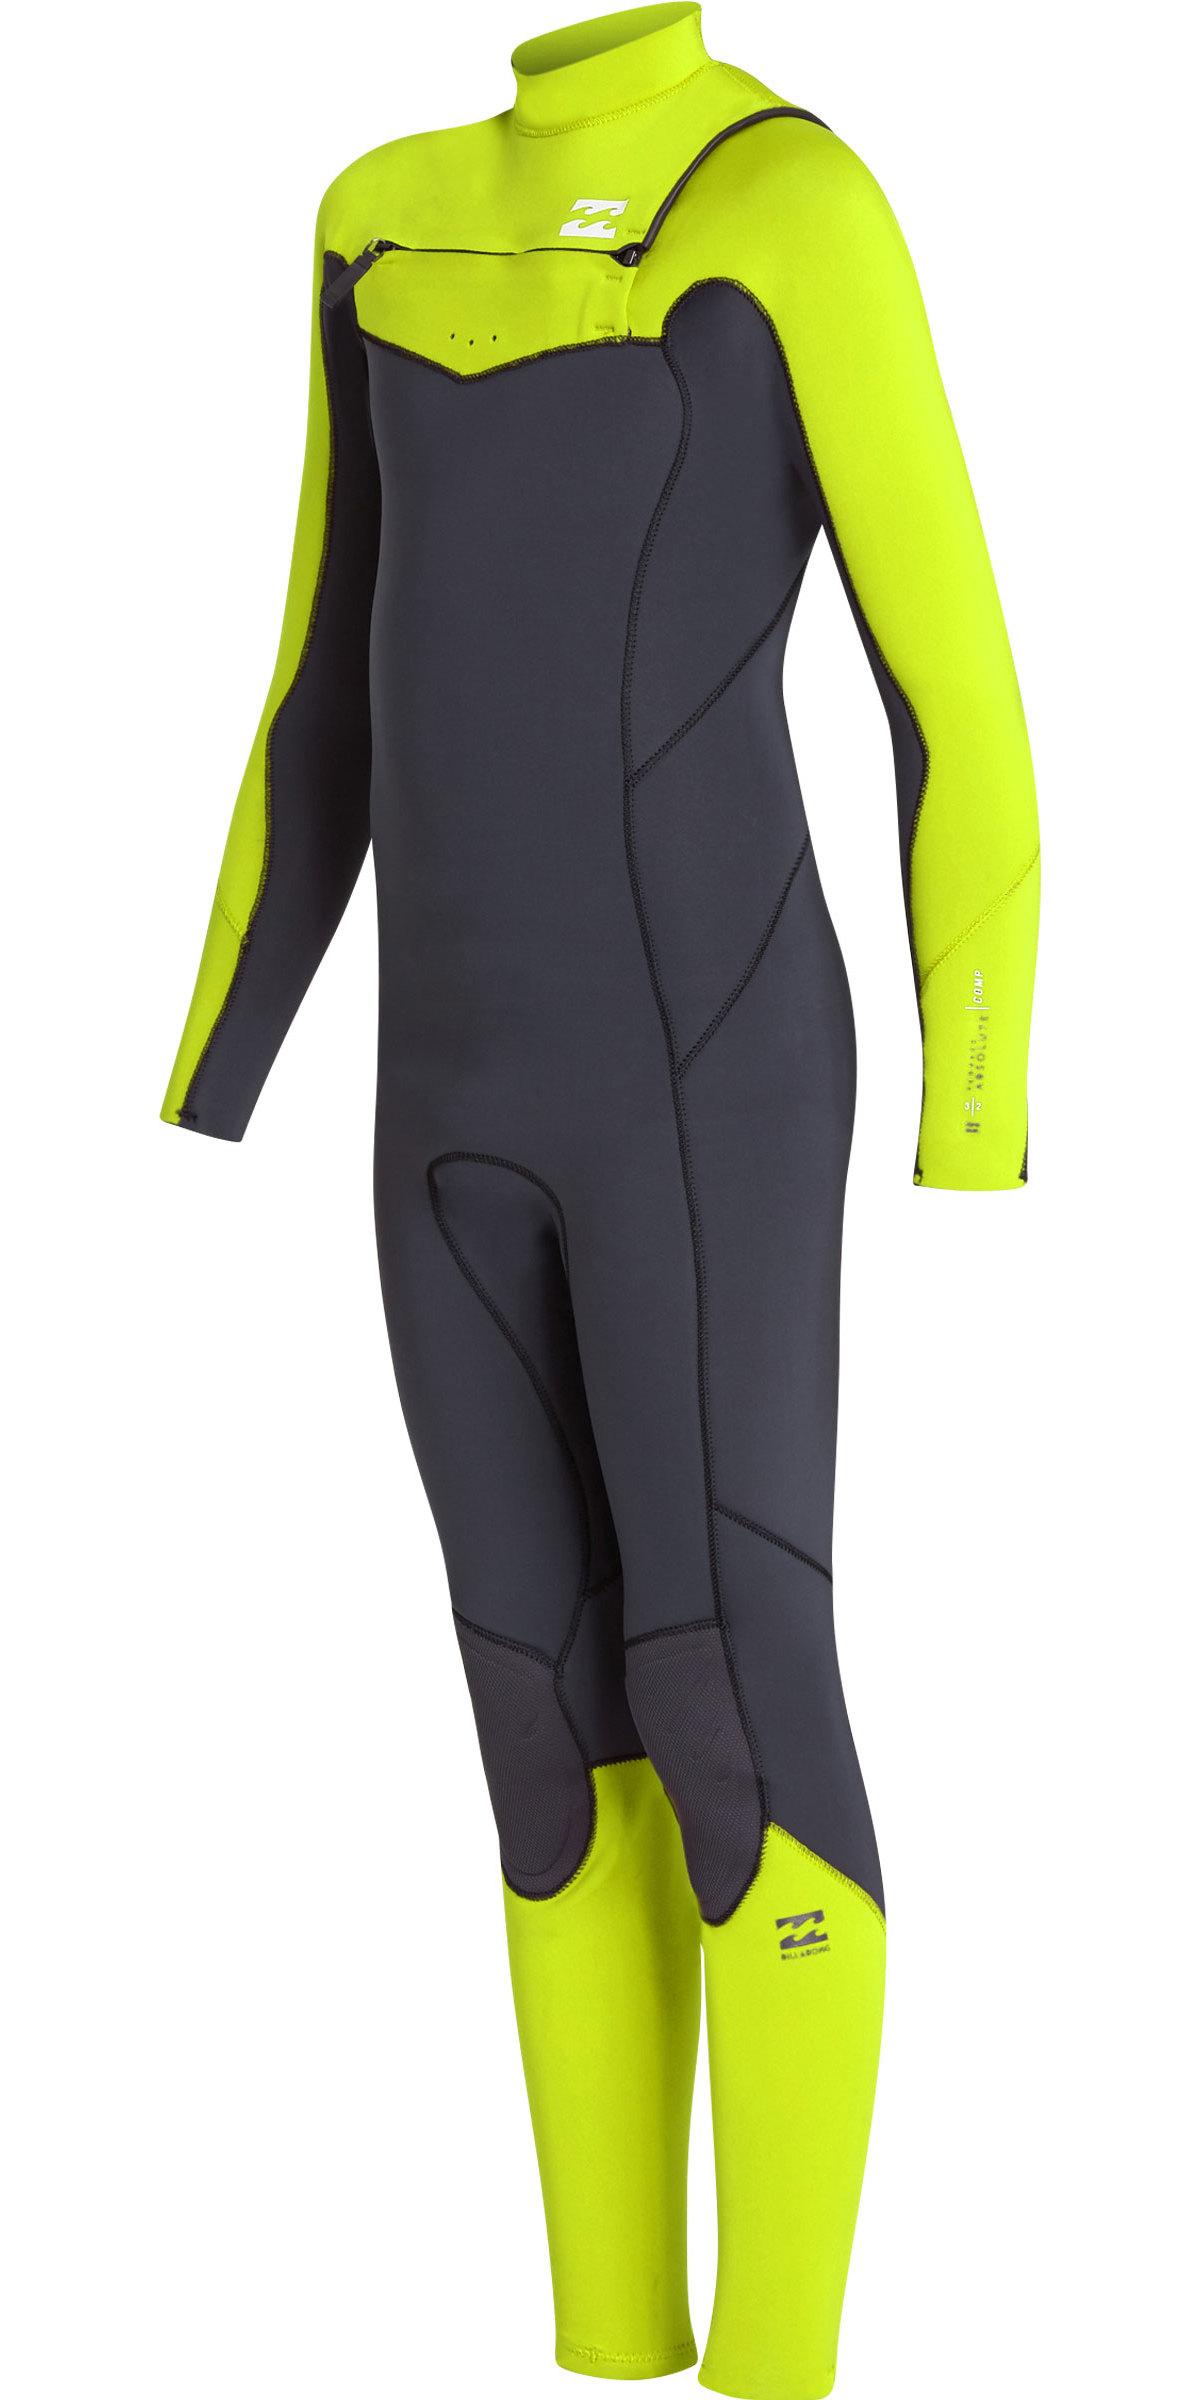 2019 Billabong Junioren Furnace Absolute 4/3mm Chest Zip Anzug Neongelb N44b03